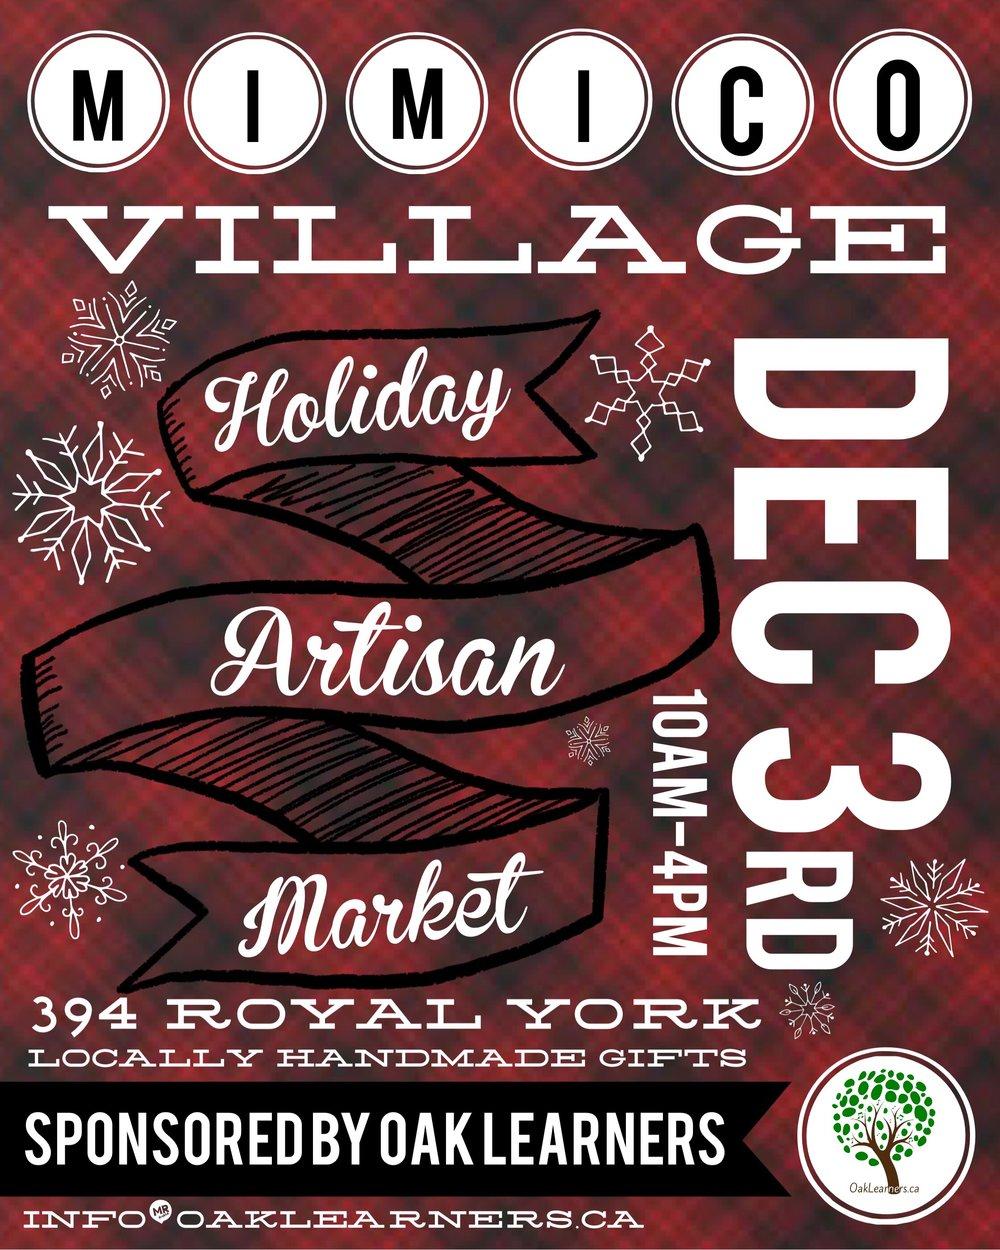 Oak Learners Holiday Artisan Market Dec 3.JPEG